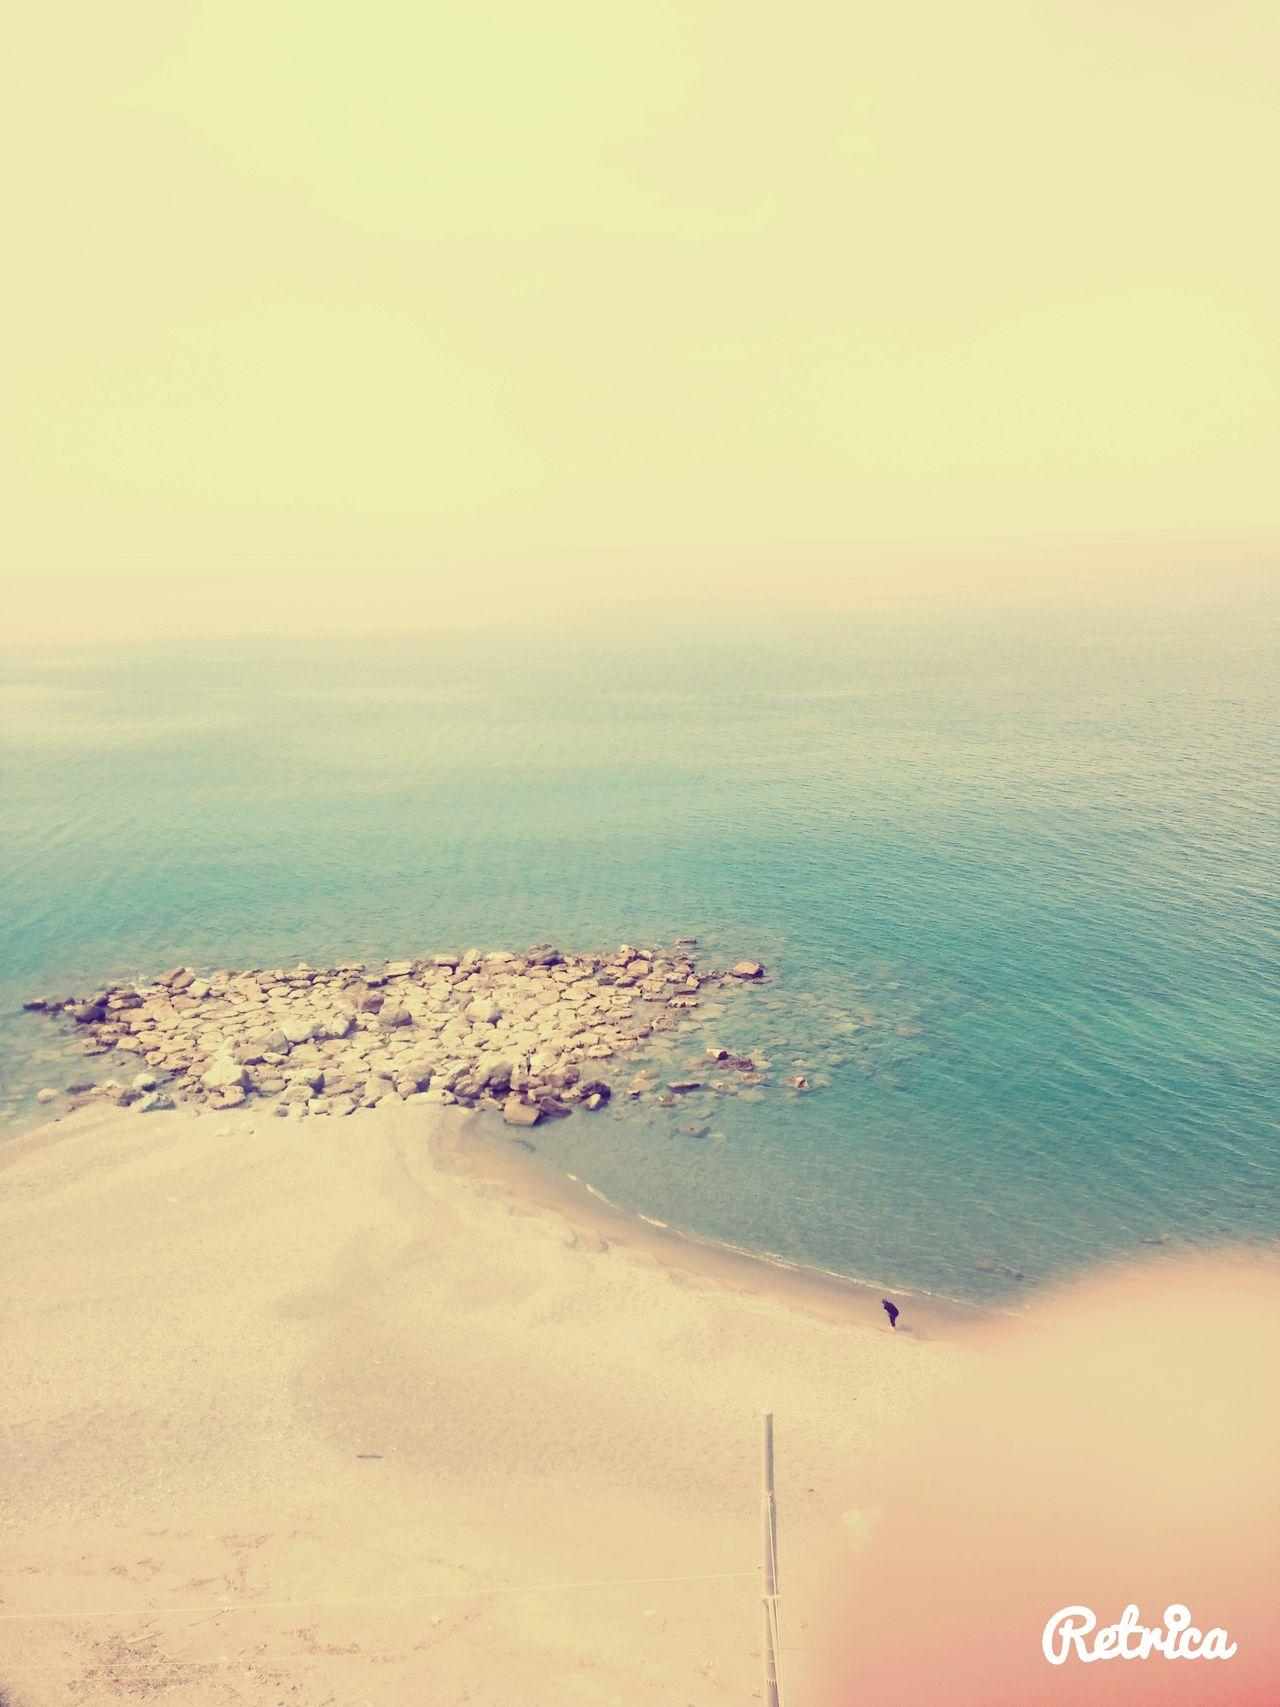 Gioiosamarea Mare Dopoesserearrivati Labellezzadellanaturanonhaprezzo Etuttoilmondofuori Etuttocosibello Tantocaldo Spiaggia